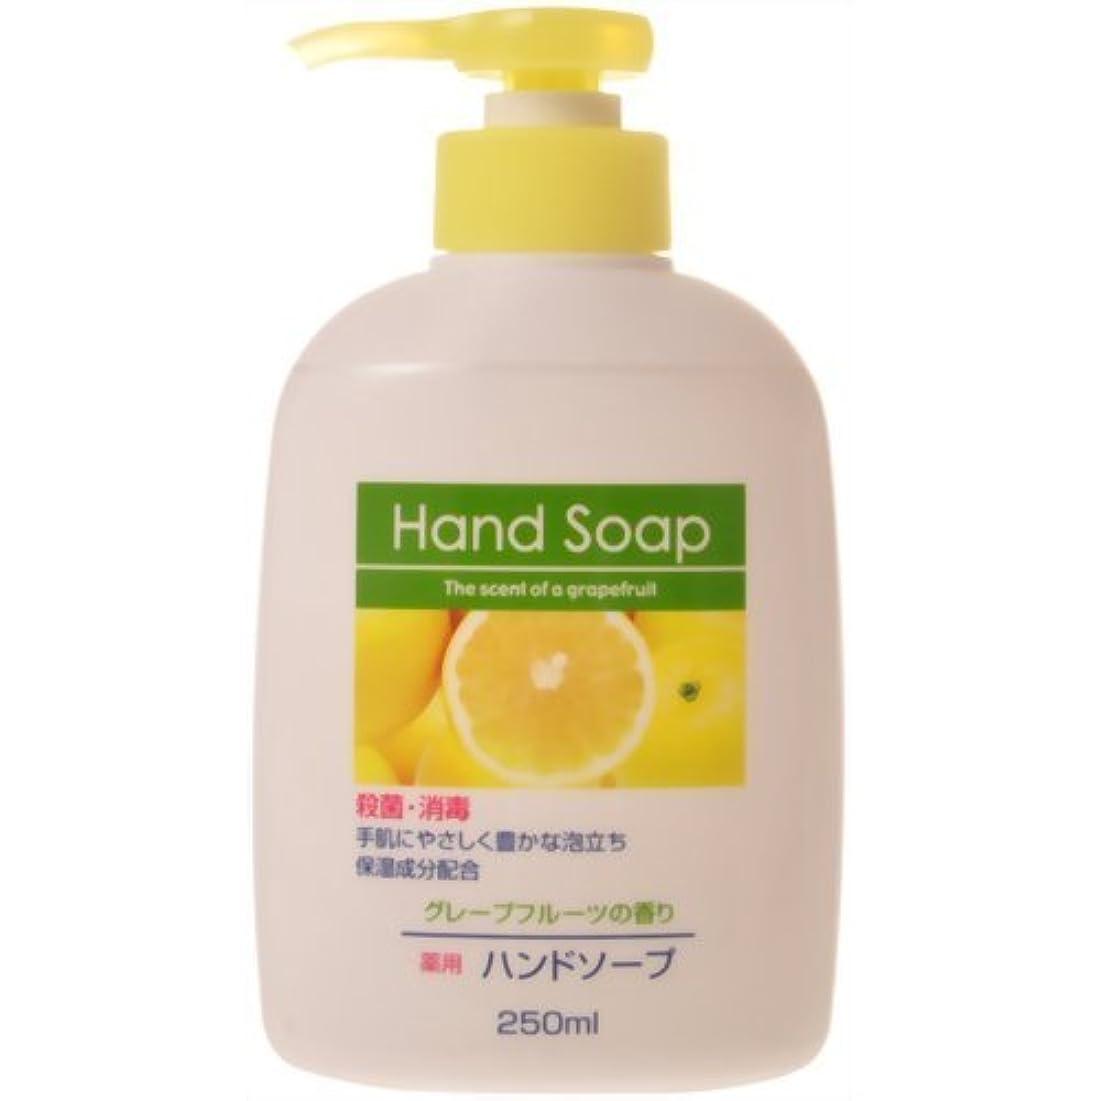 いつでも限定利用可能薬用ハンドソープ グレープフルーツの香り 本体 250ml 【まとめ買い240個セット】